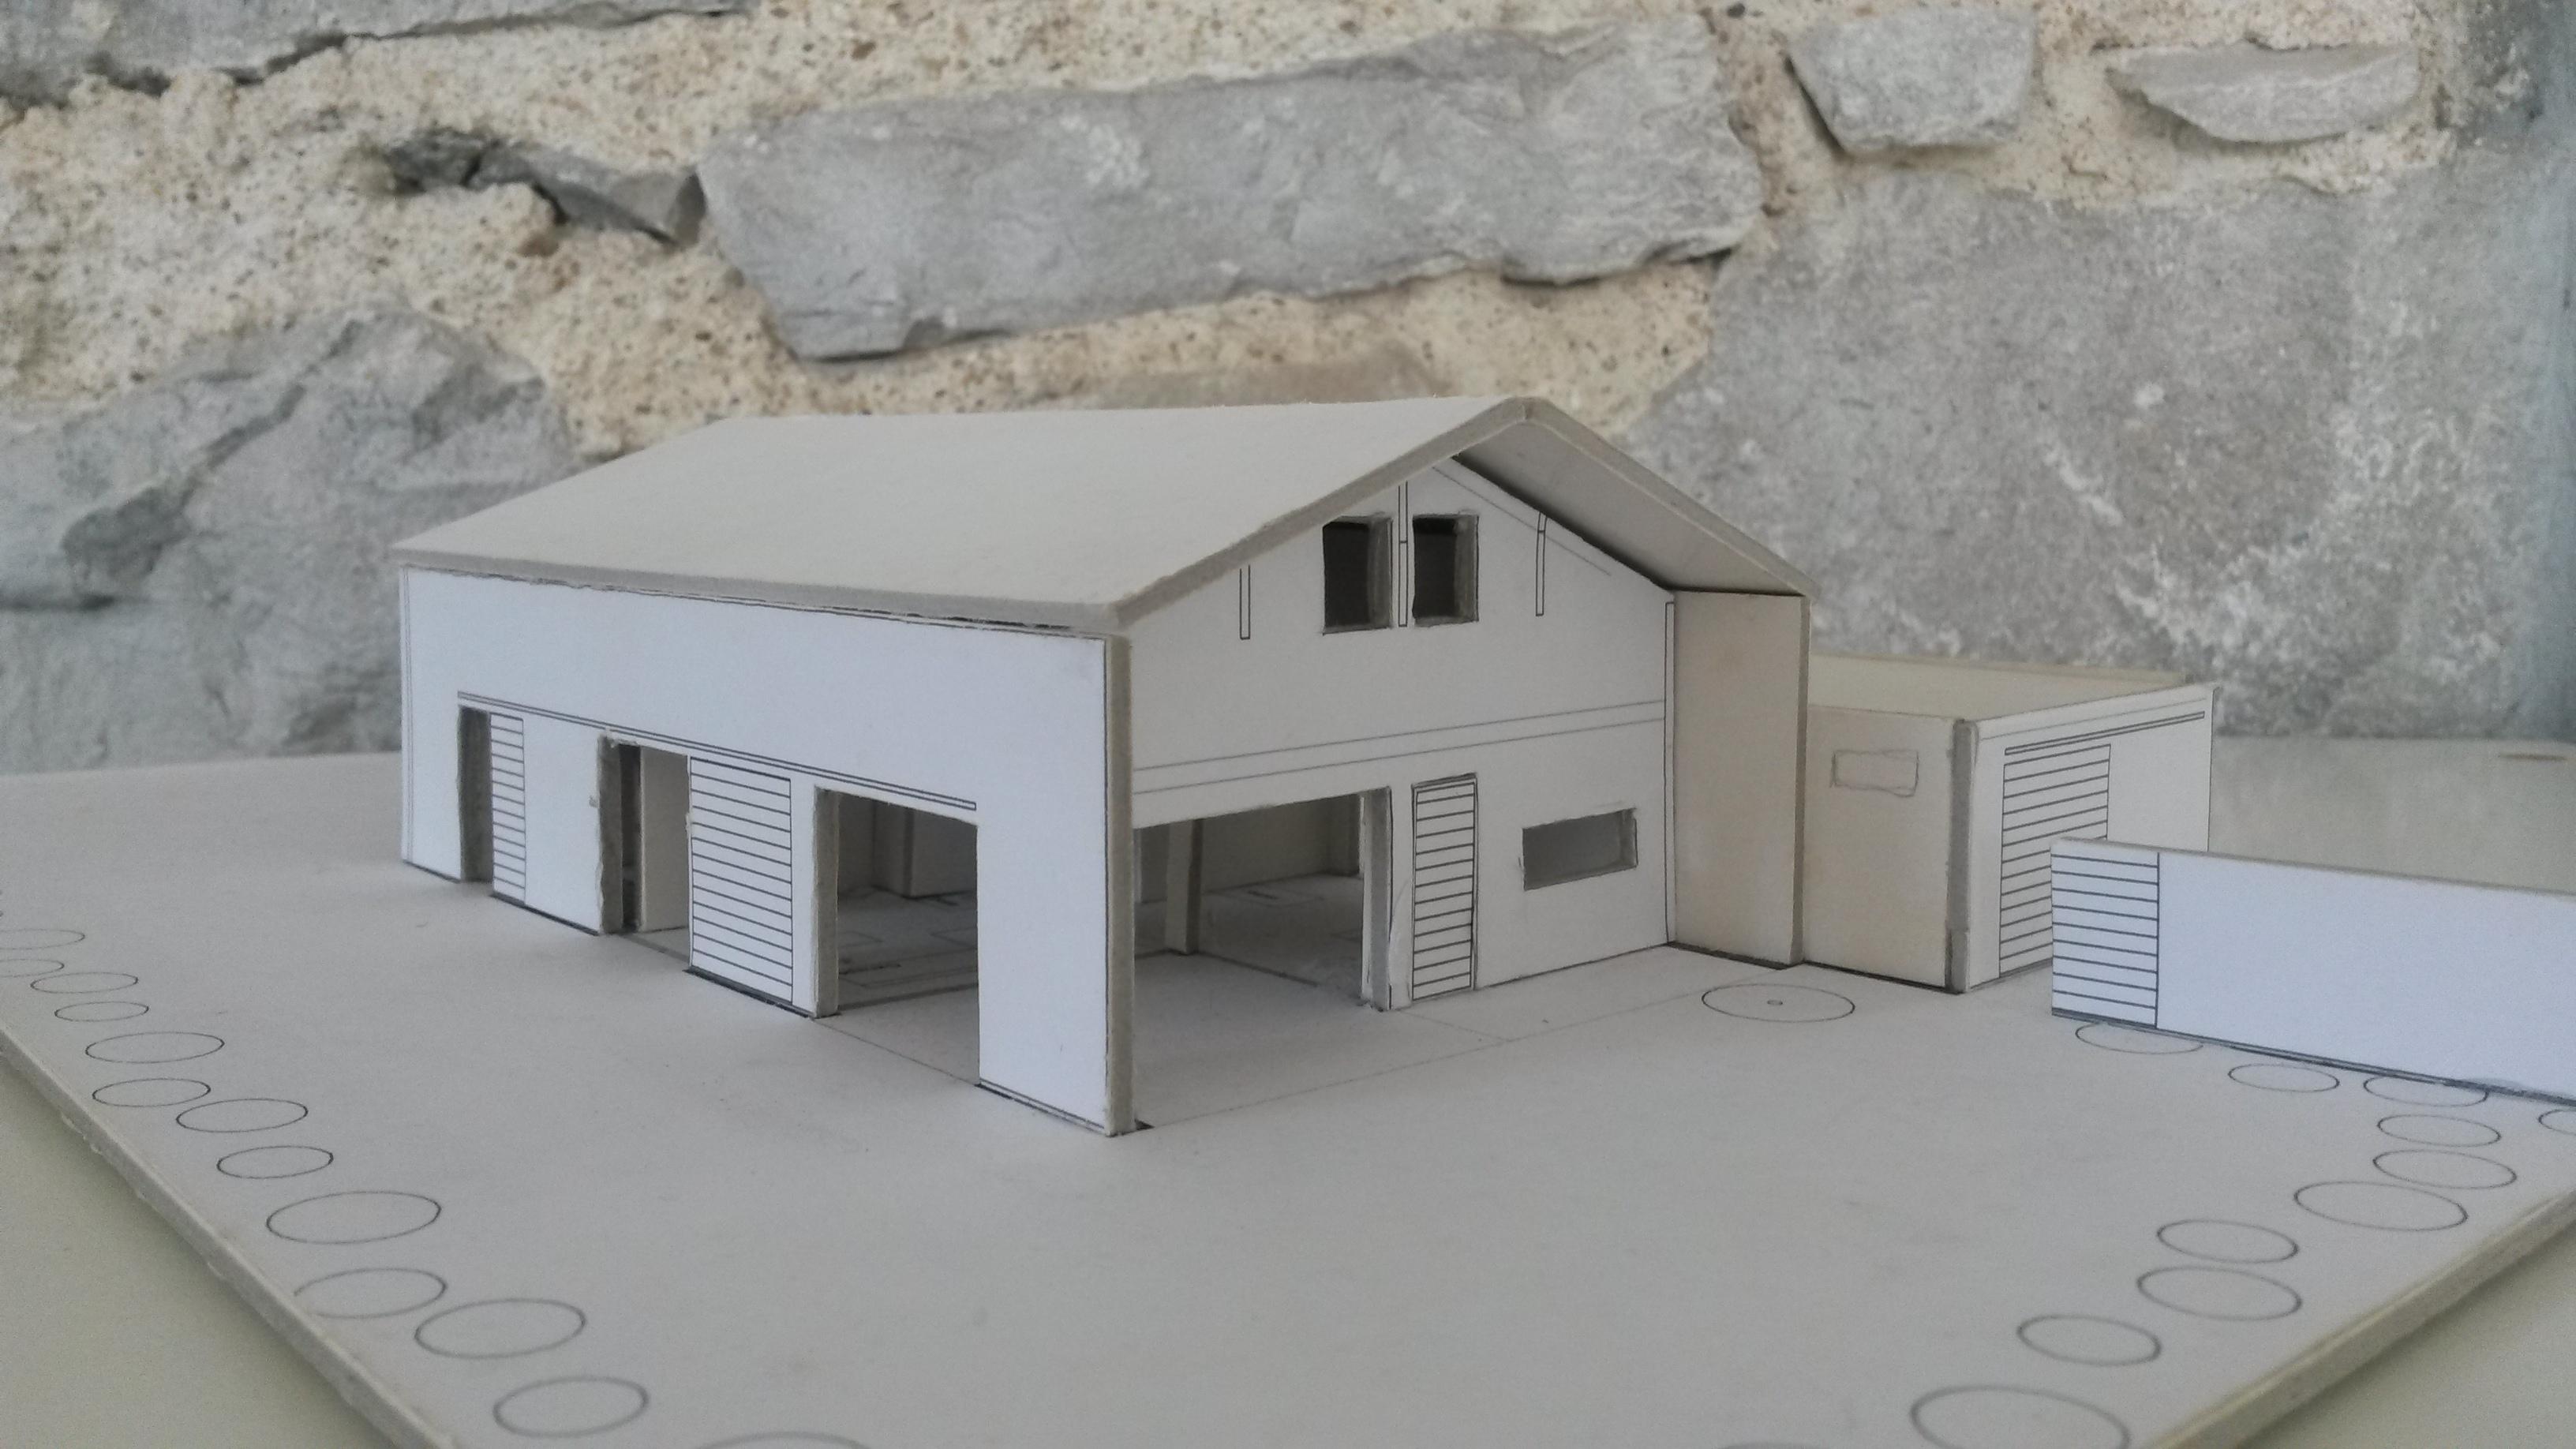 Maison économique à Labenne Architecte Pays Basque Maquette Maison Labenne Gwenael Stephan